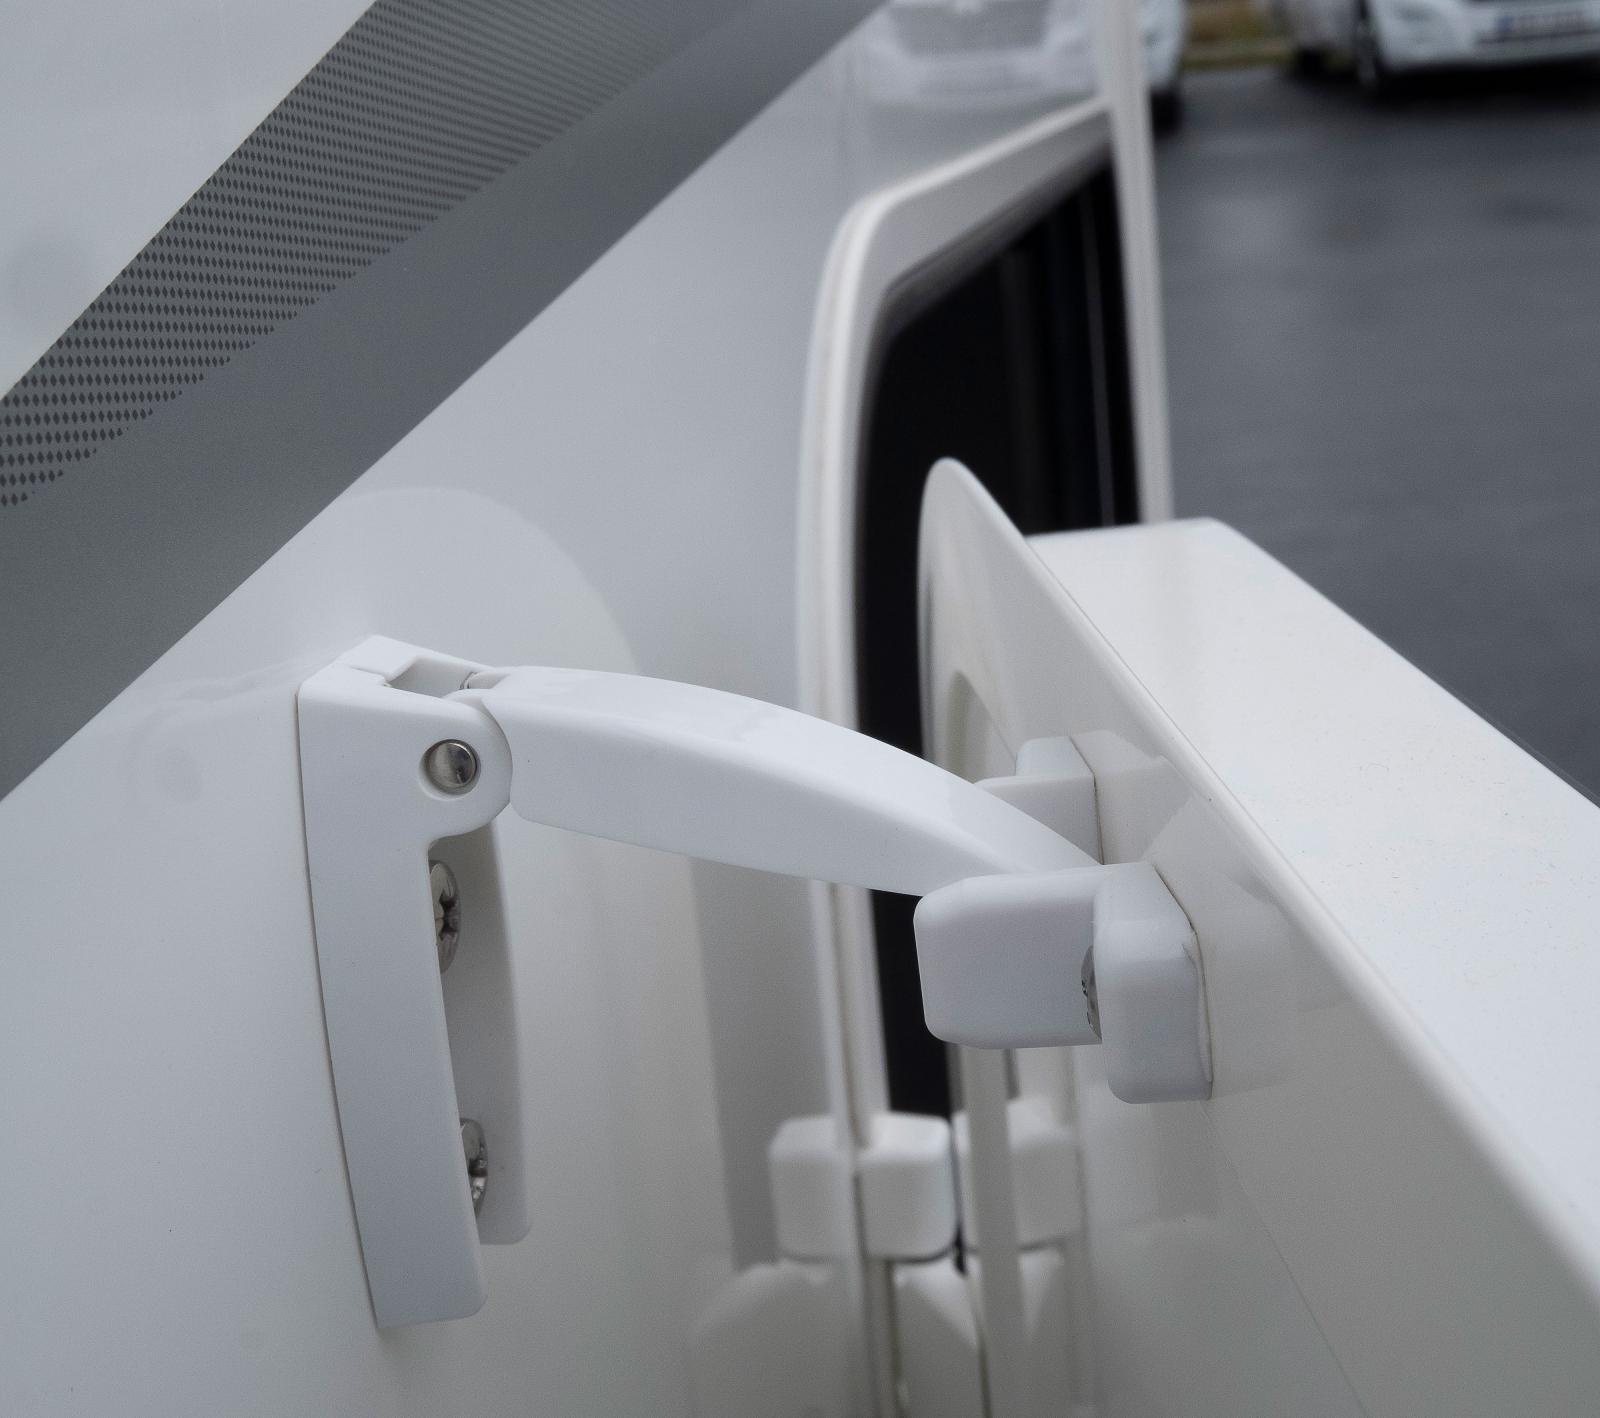 Se upp med garagedörrarnas spärrar som är pilliga.